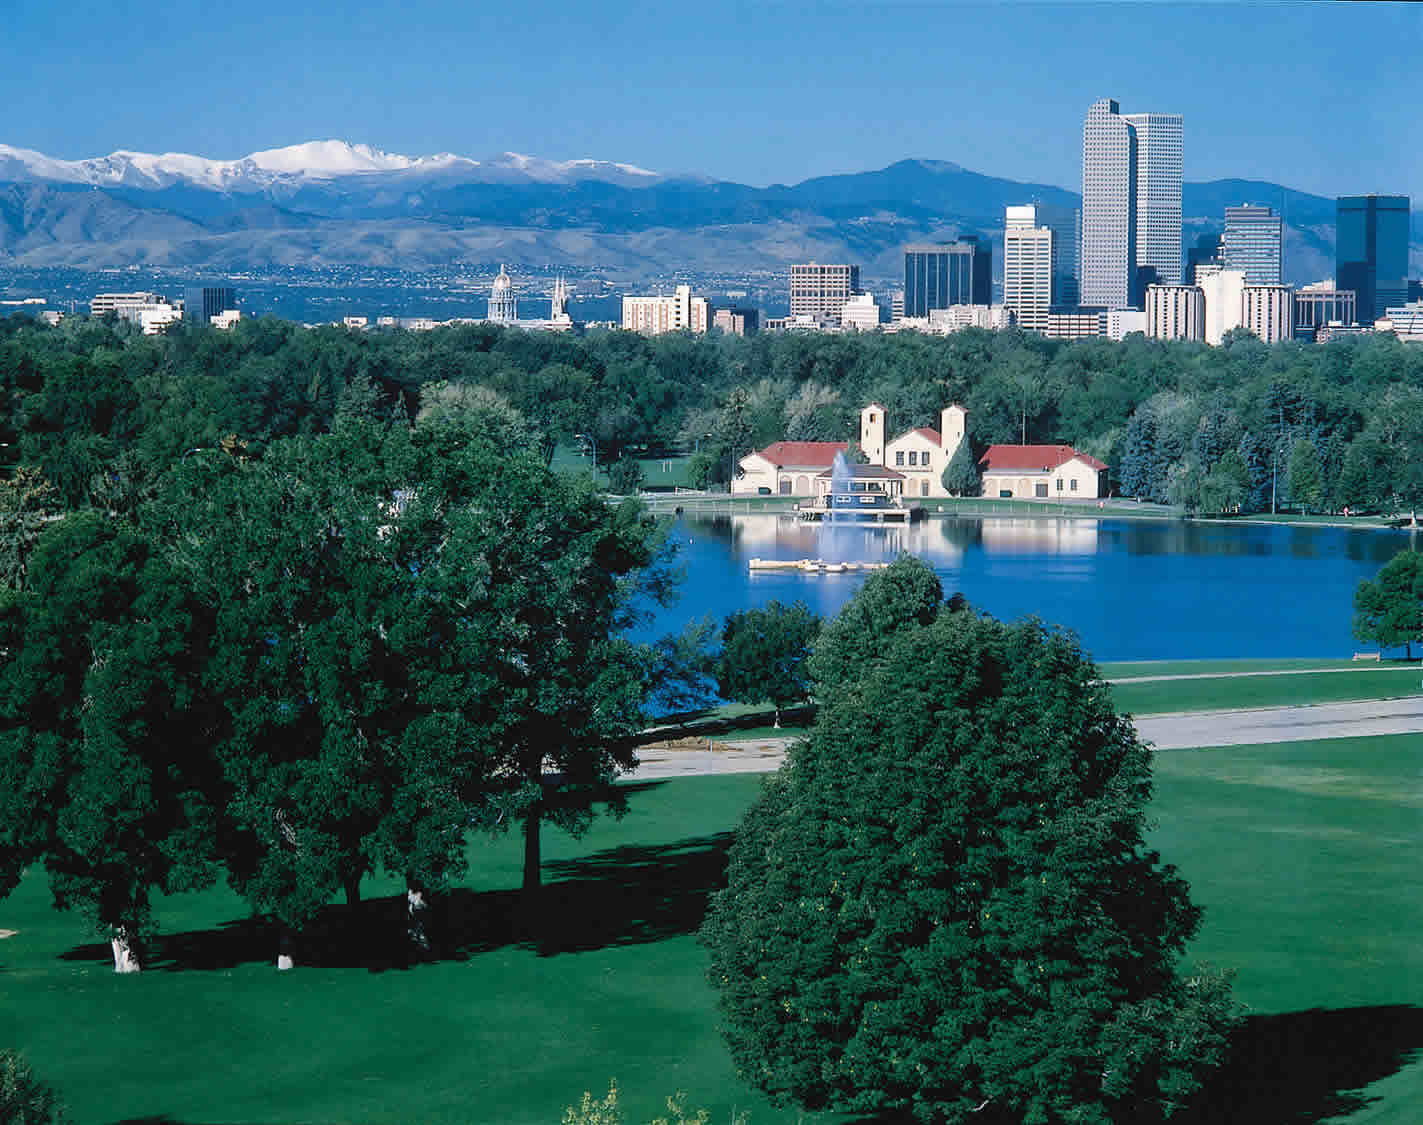 Denver Uptown City Park Lofts Condos Hospital Row